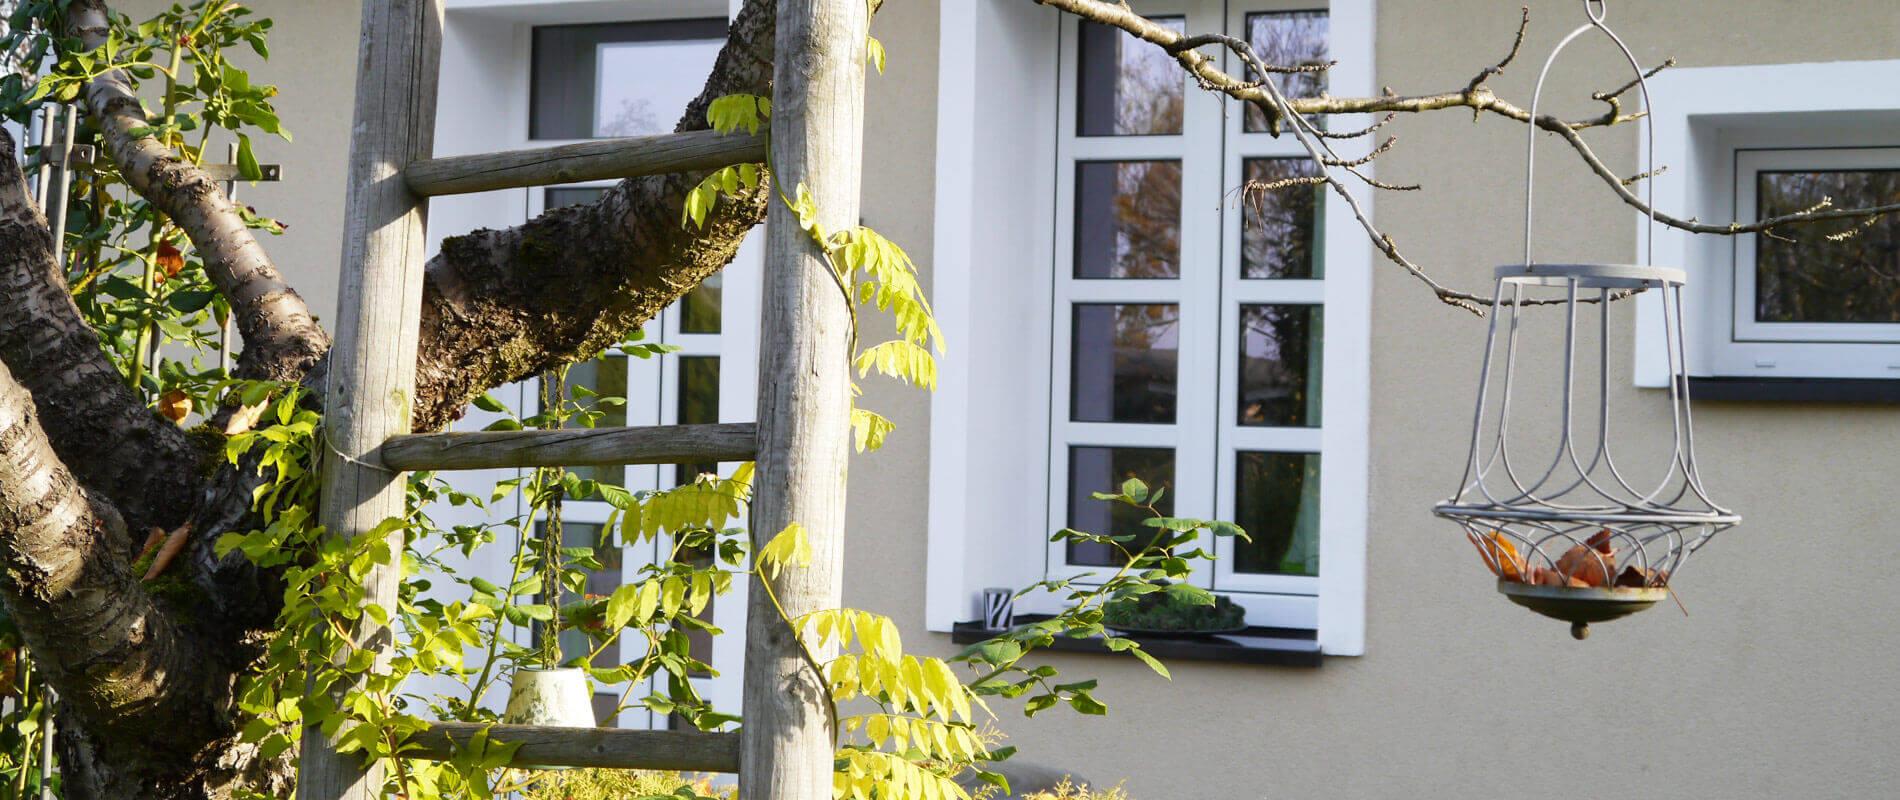 Eine alter Leiter an einen Baum gelehnt und von Blättern umrankt